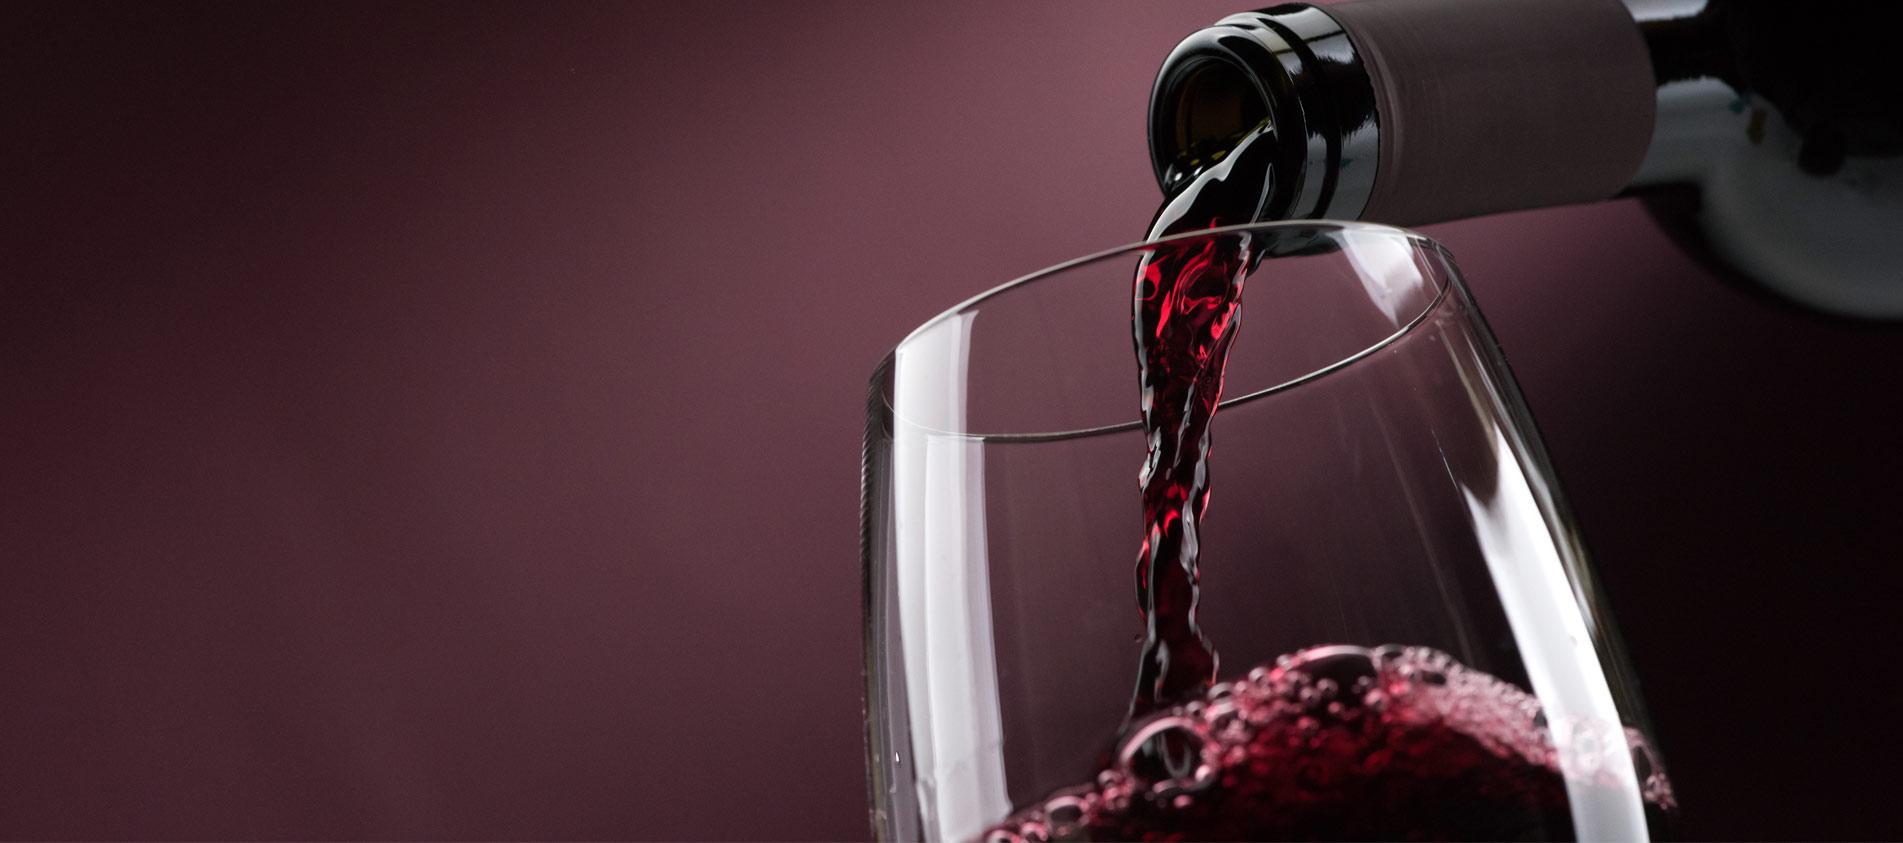 Shop vino mercante divino